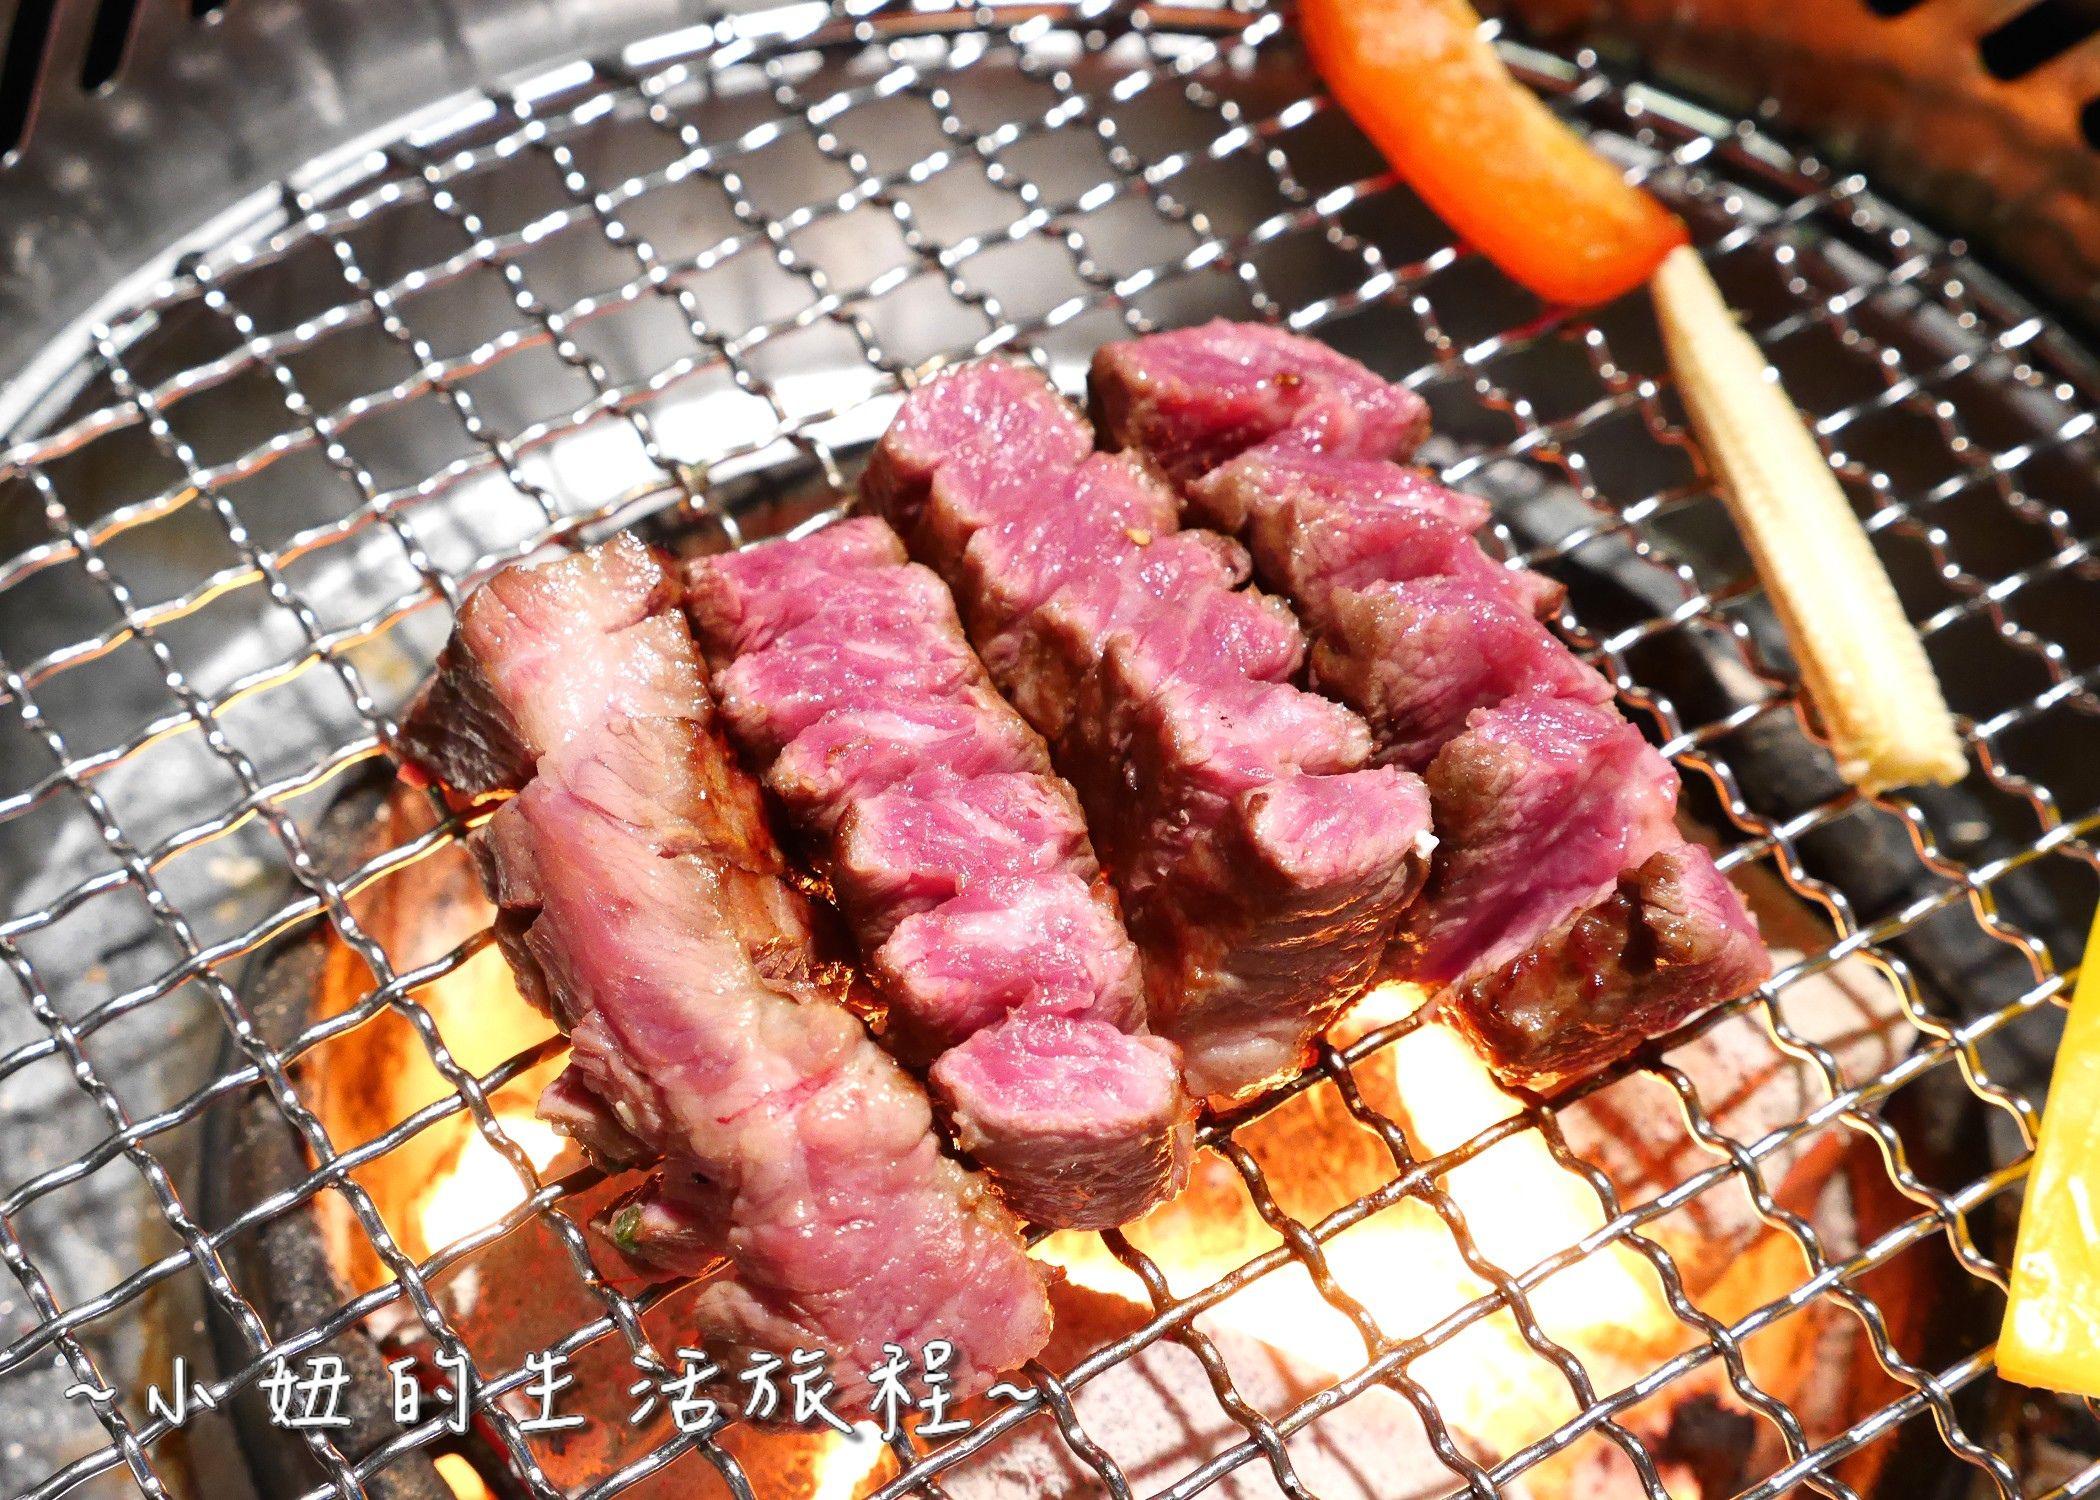 東區烤肉 東區燒烤 清潭洞韓式燒烤 청담동P1280031.jpg